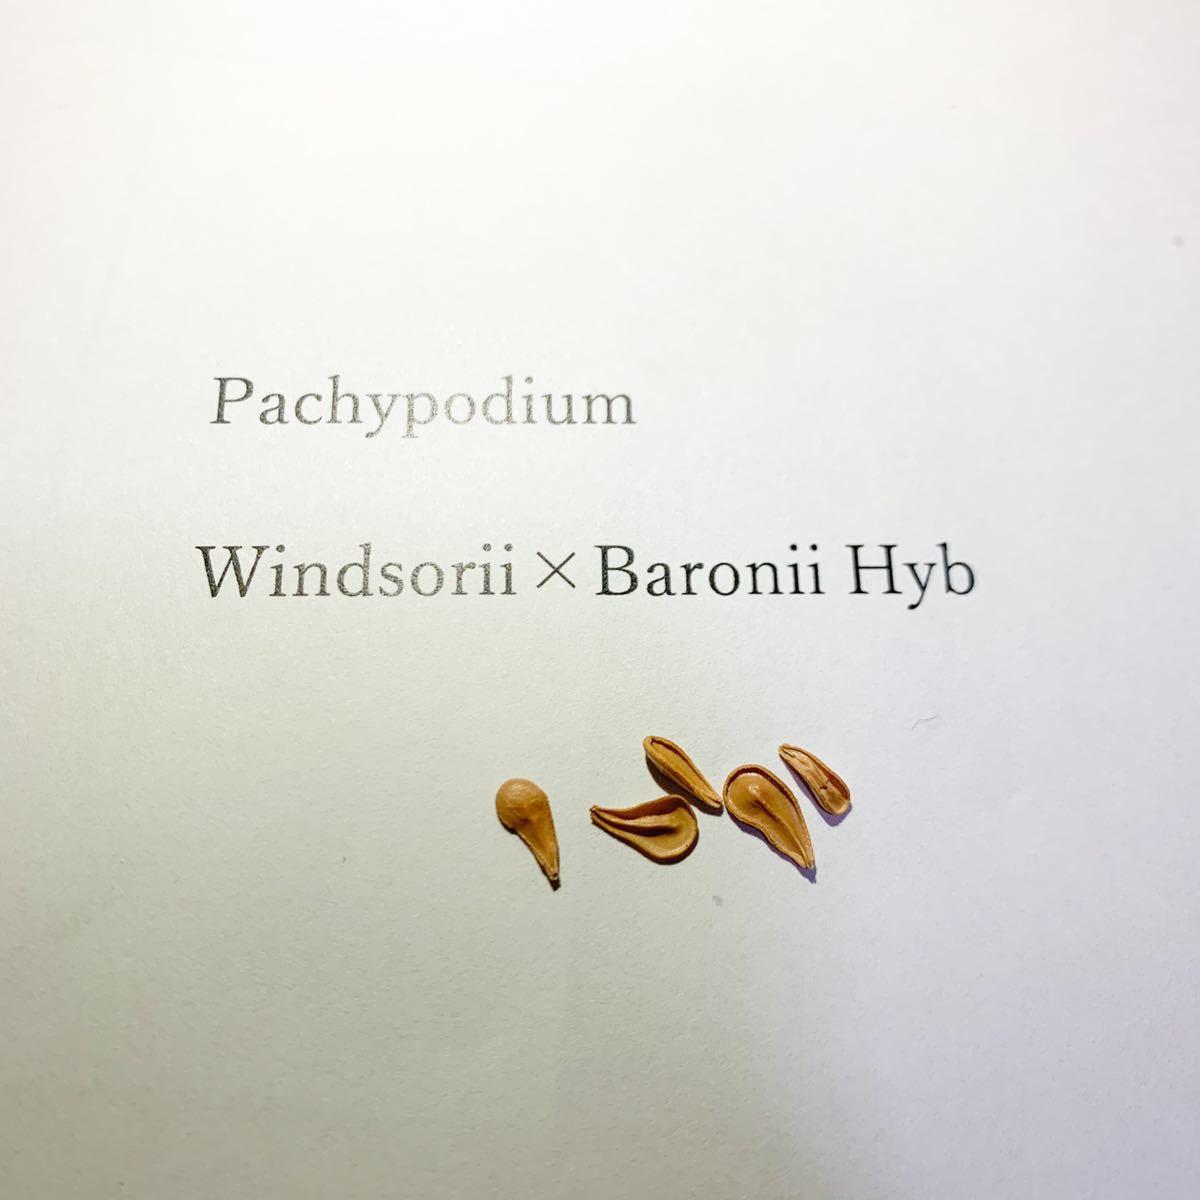 パキポディウム ウィンゾリーXバロニー 交配種 種子 5粒 Pachypodium windsorii x baronii コーデックス 塊根